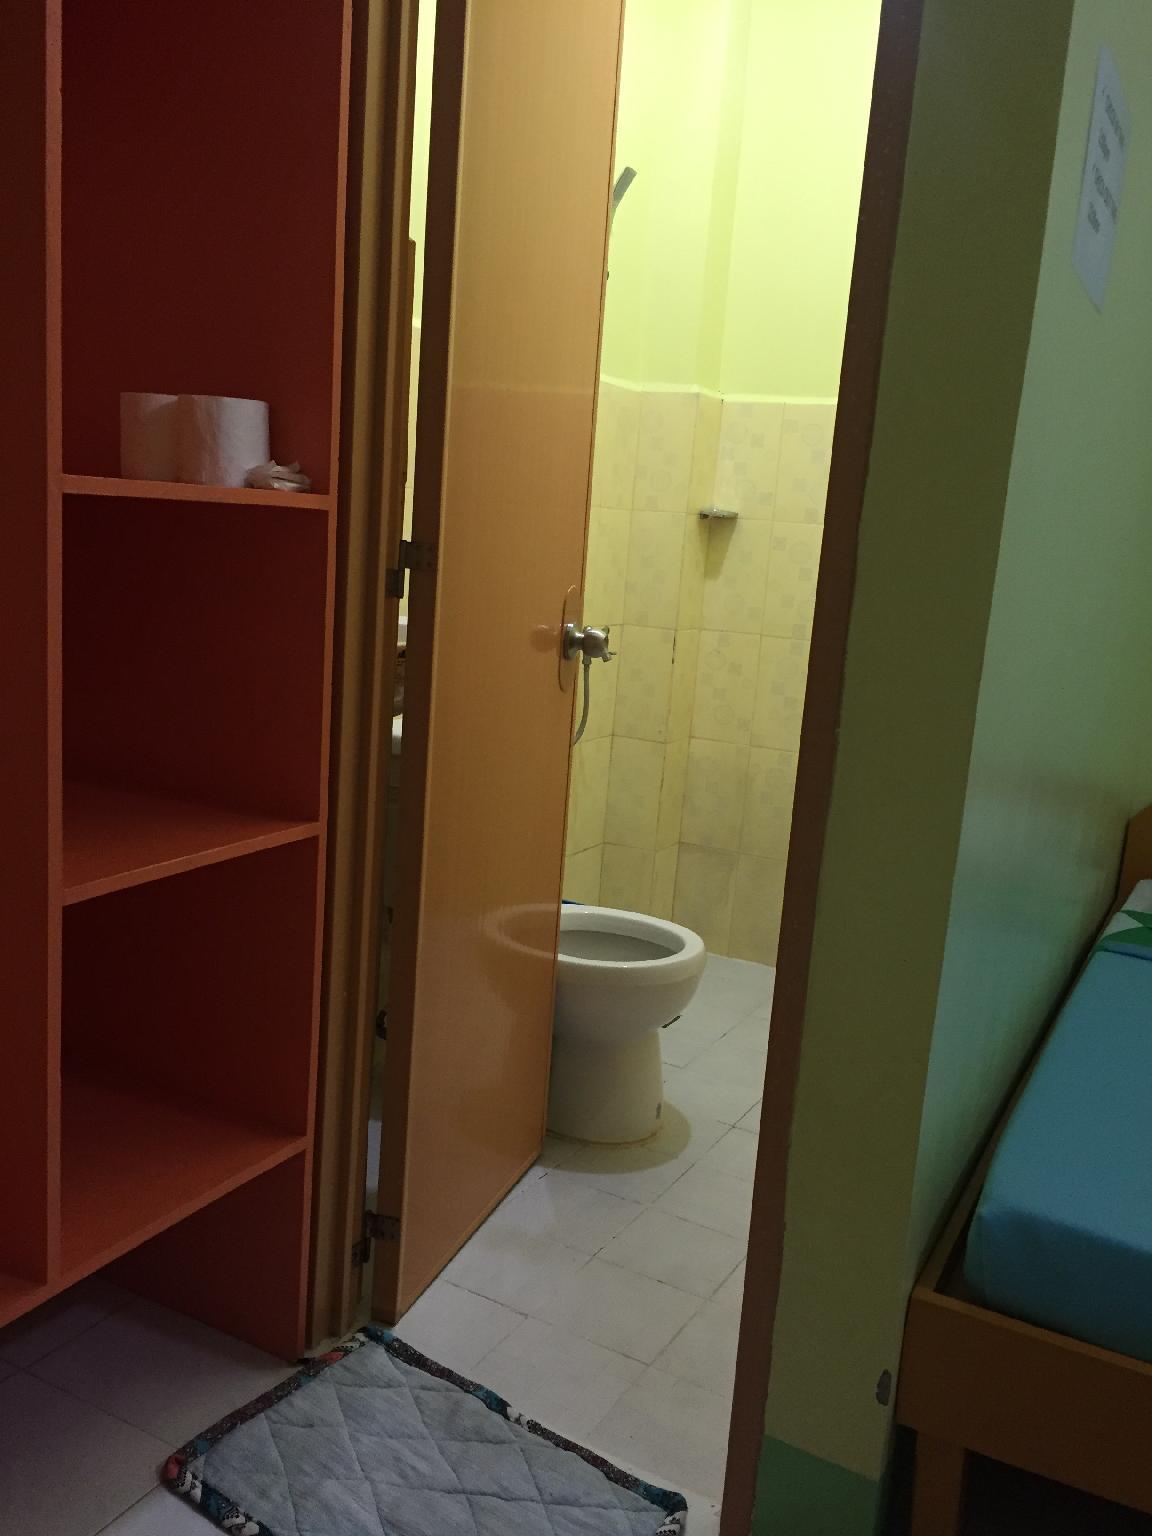 ZENSAN BED & BATH ROOM 3